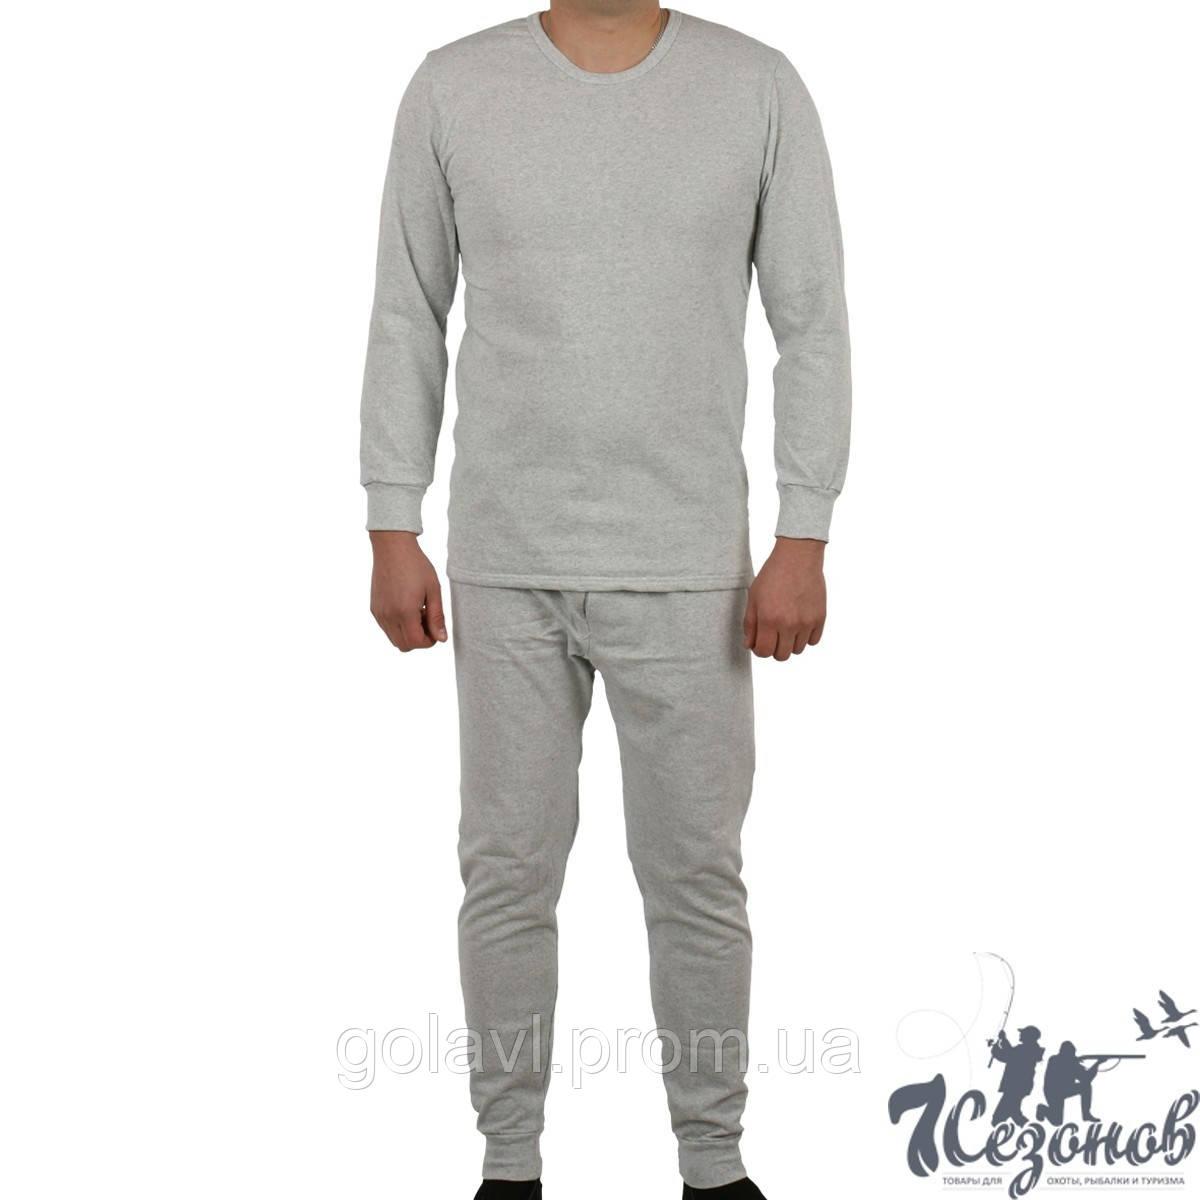 Утепленное нижнее белье мужское, цвет серый